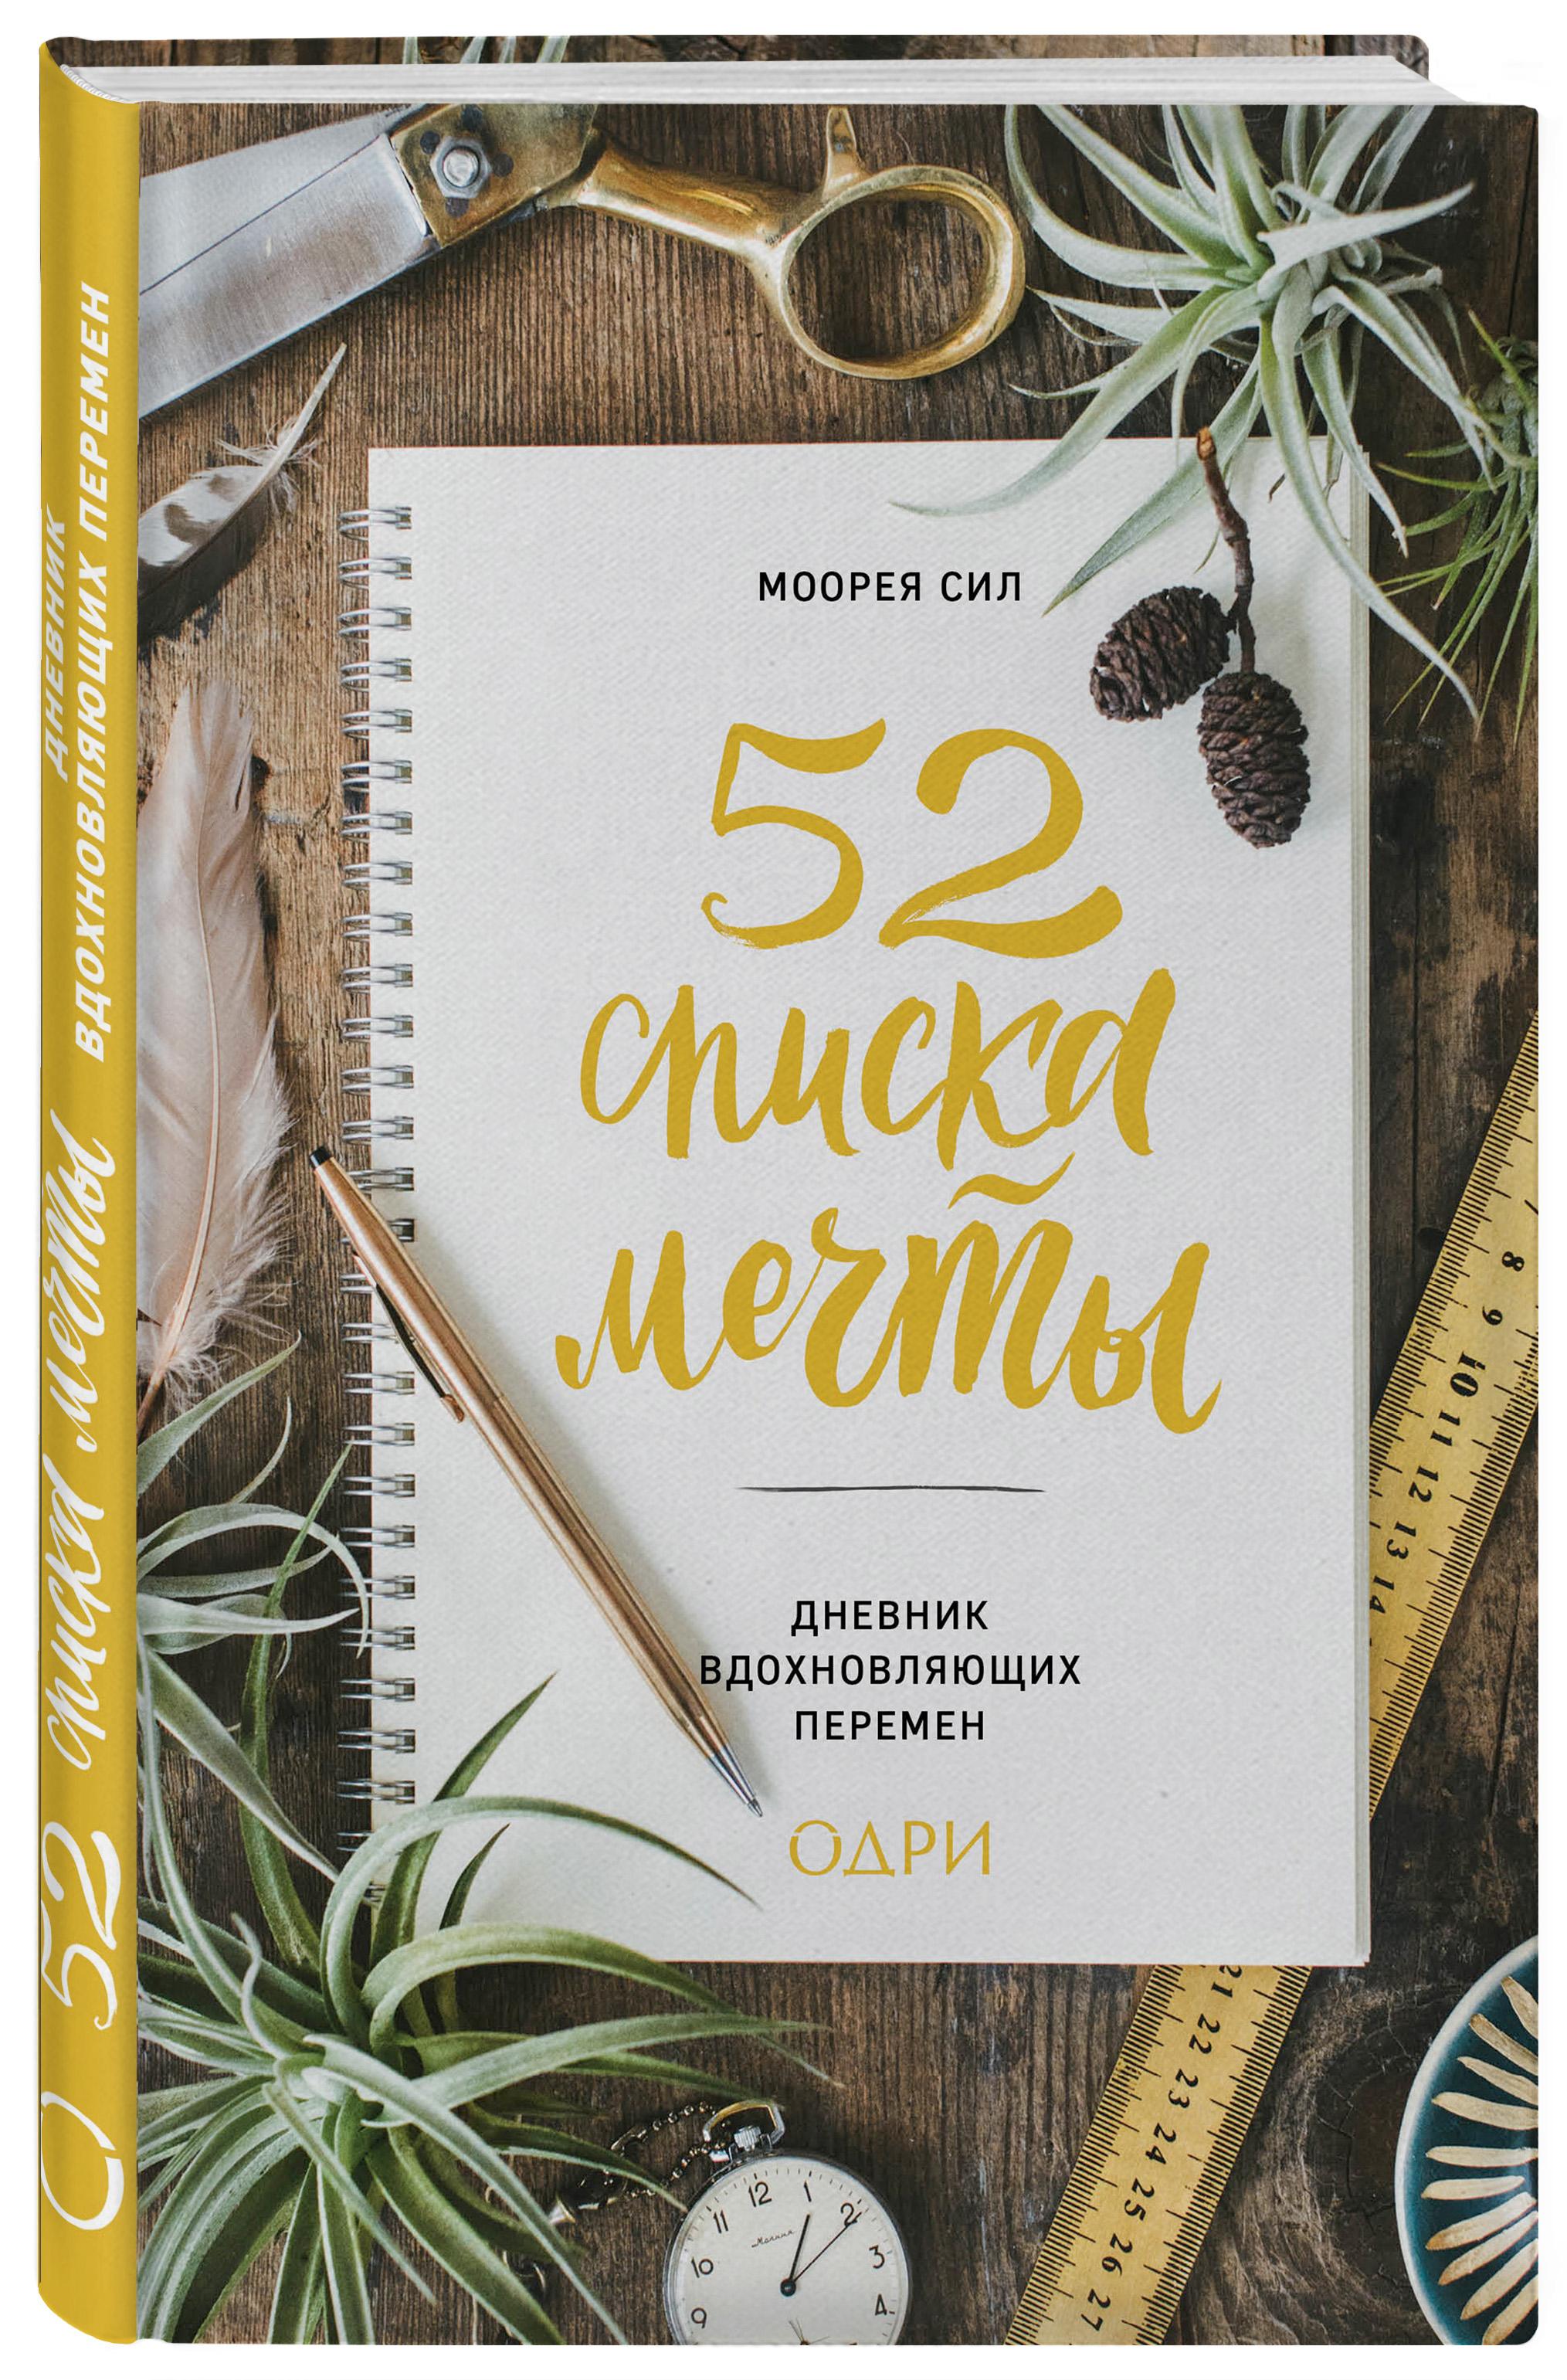 Дневник вдохновляющих перемен «52 списка мечты» ( Сил Моорея  )